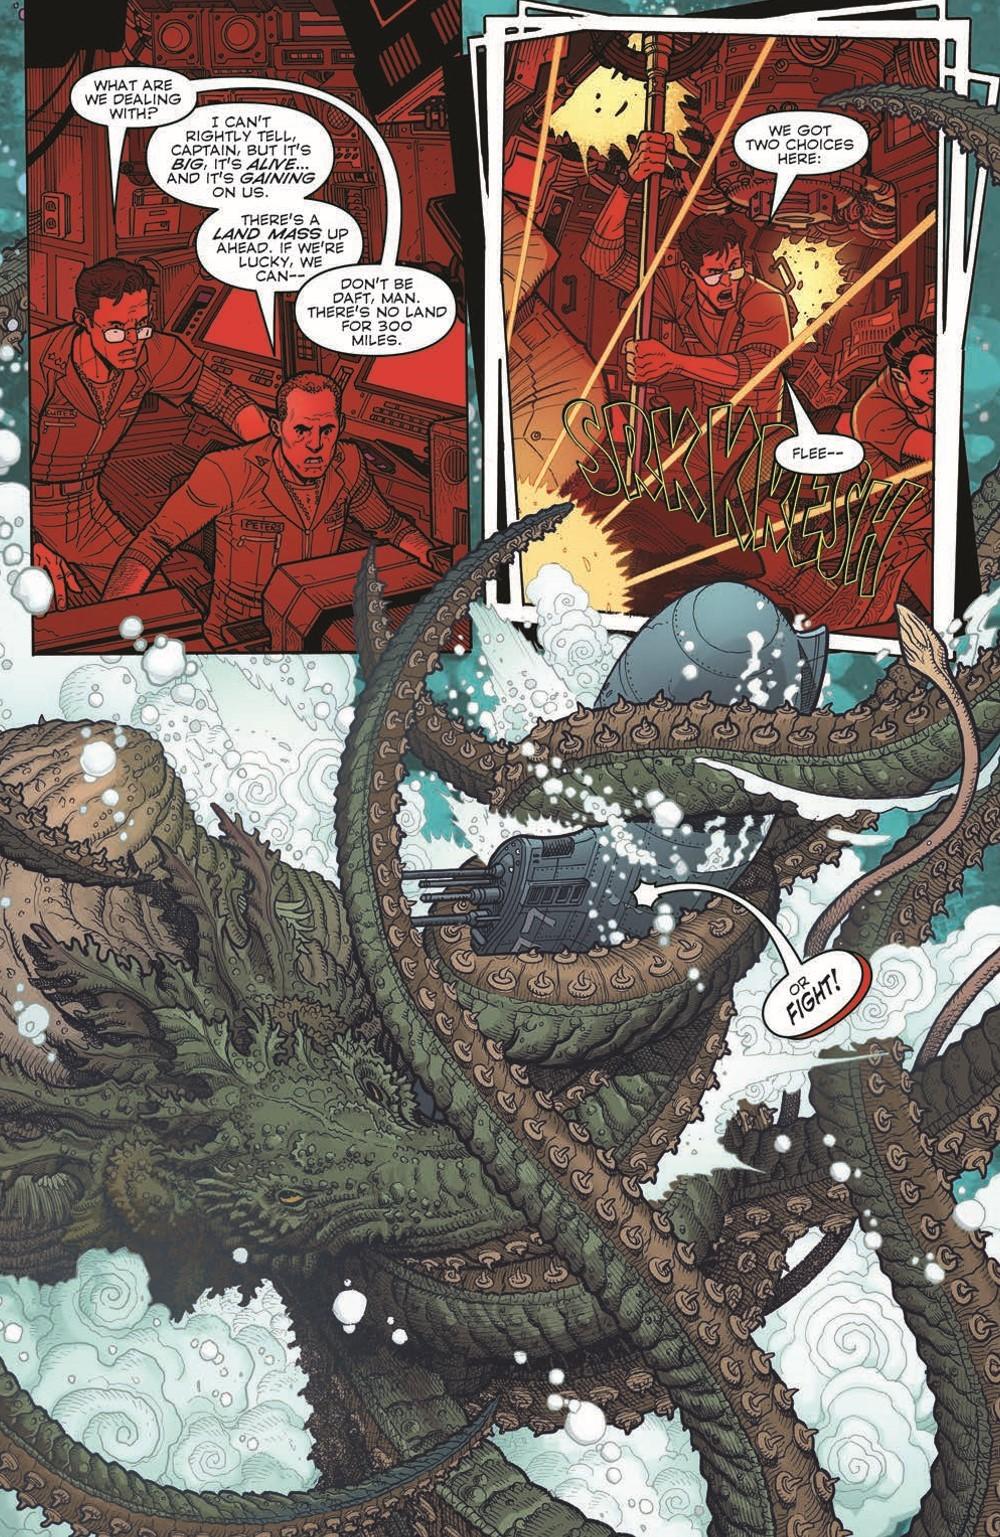 BERMUDA03_pr-4 ComicList Previews: BERMUDA #3 (OF 4)